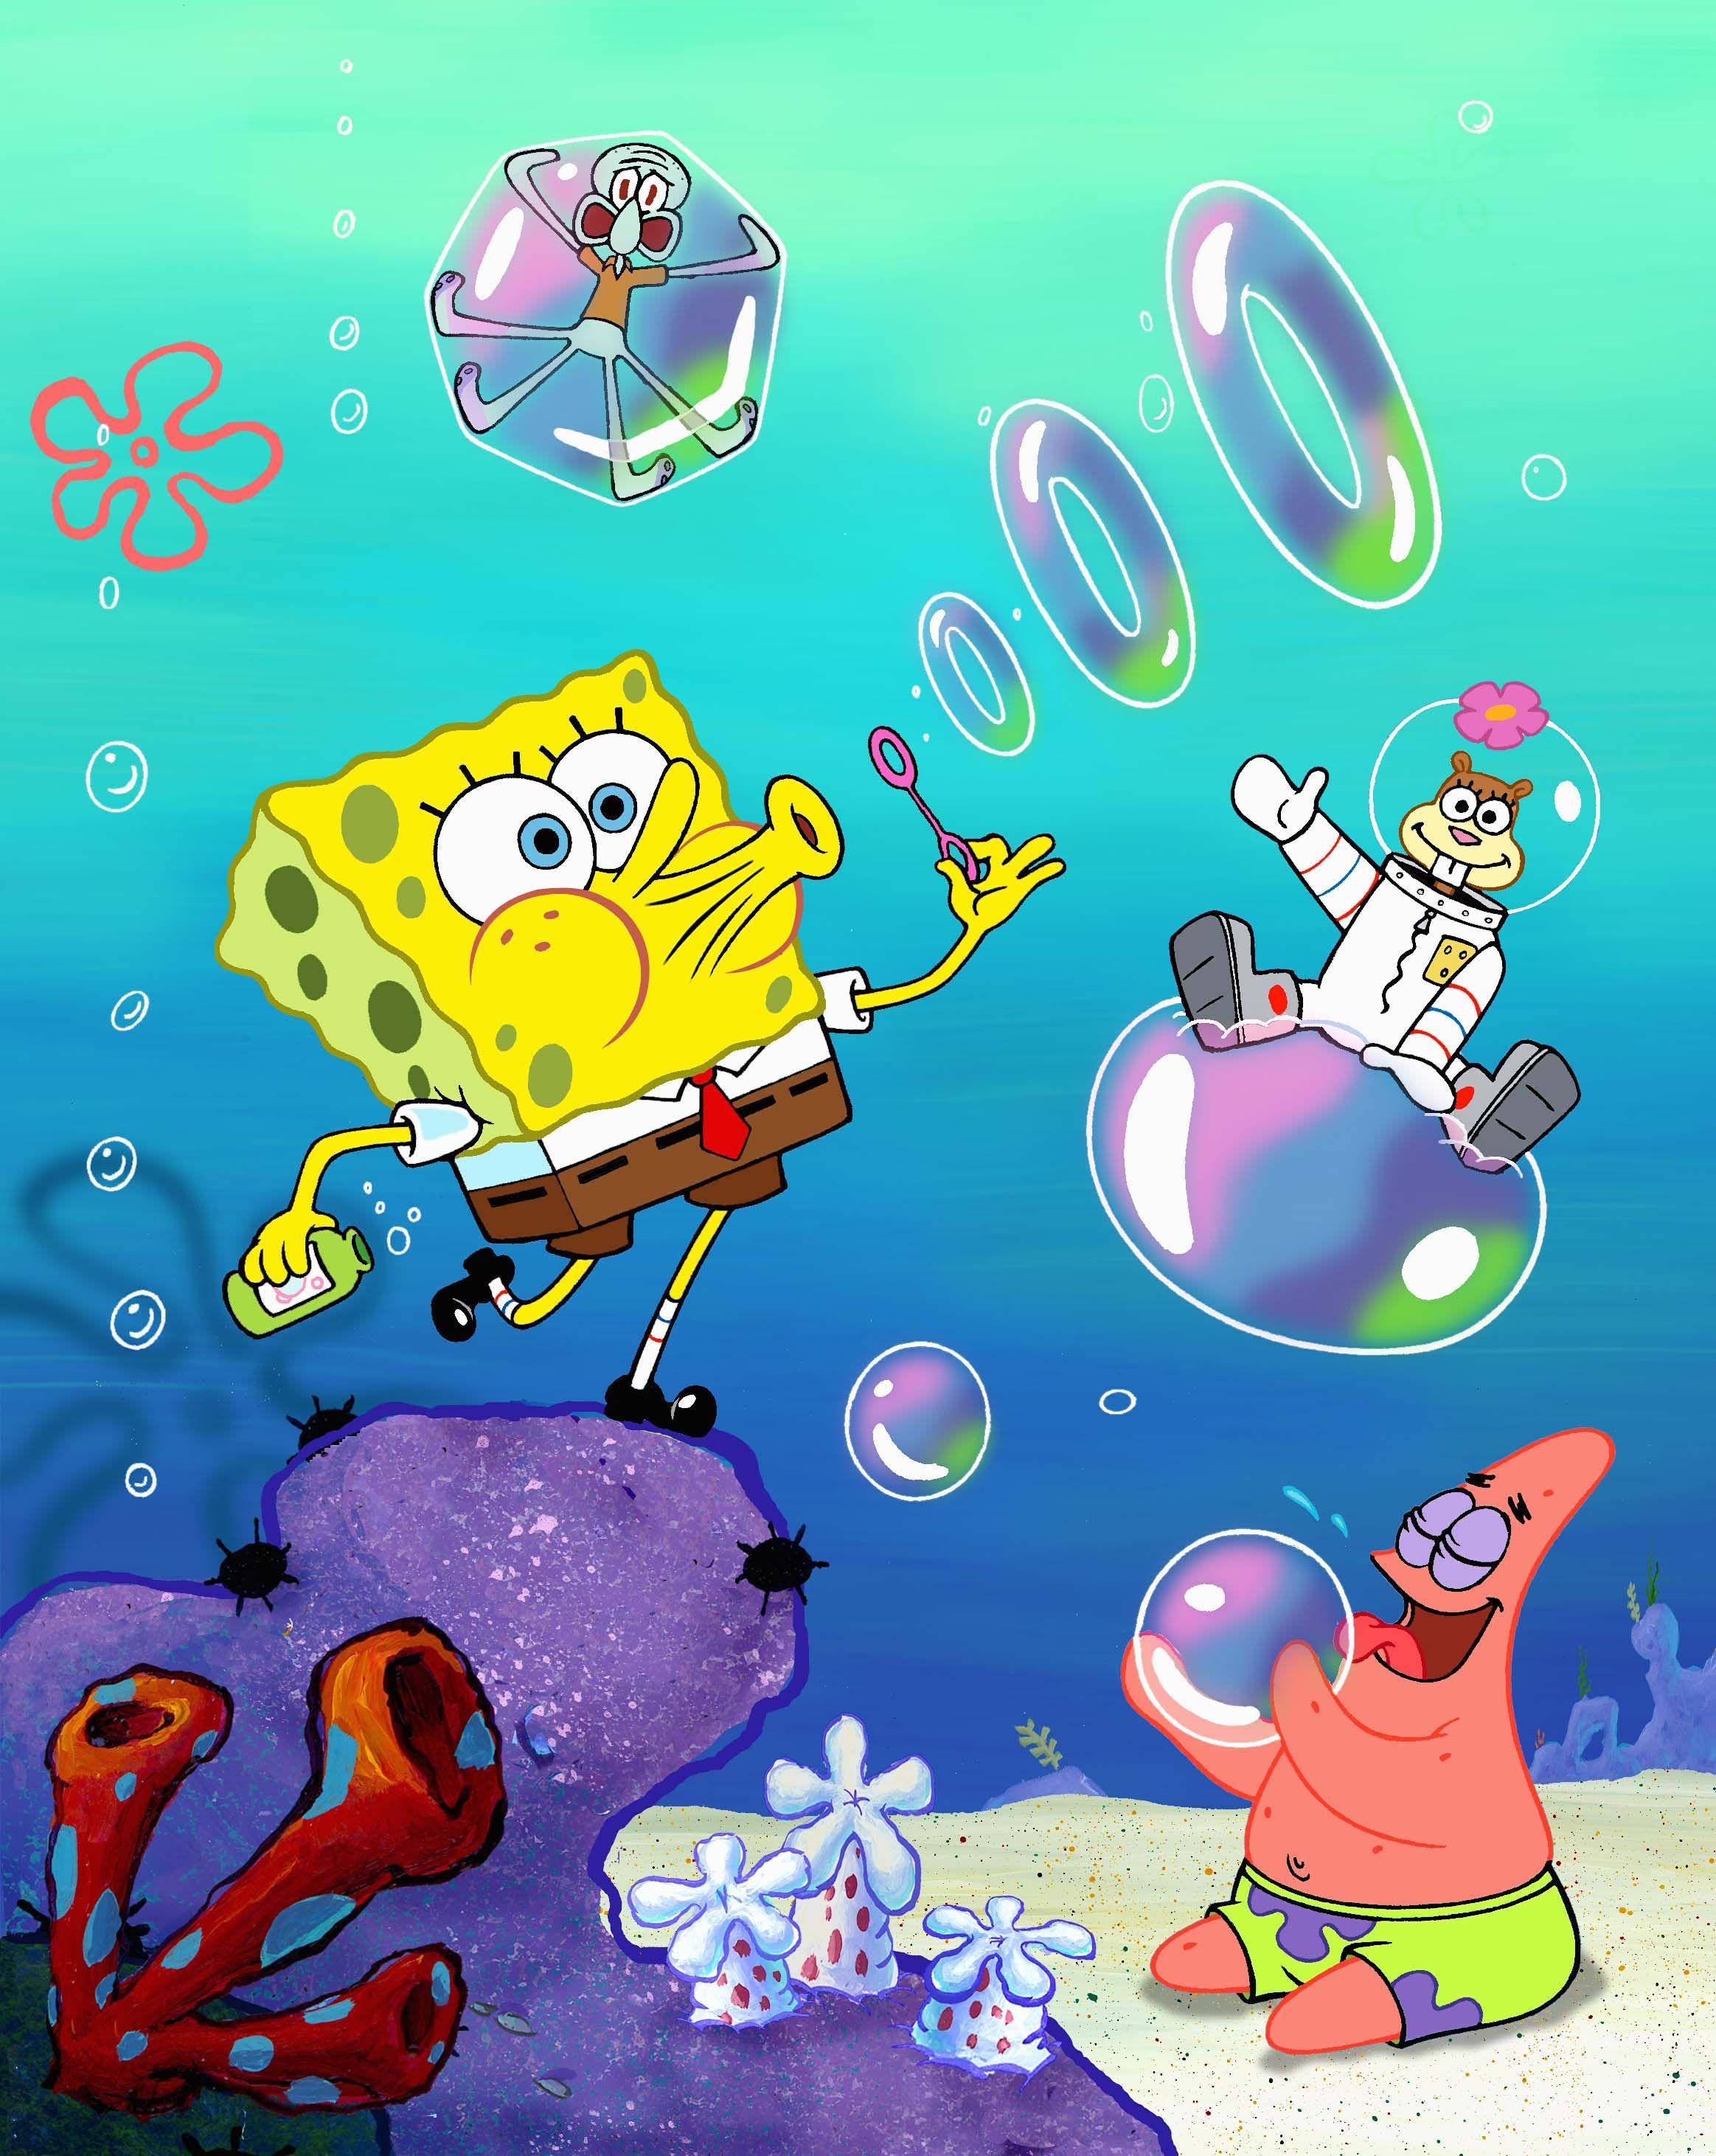 Nickelodeon, programmazione speciale per la festa del papà